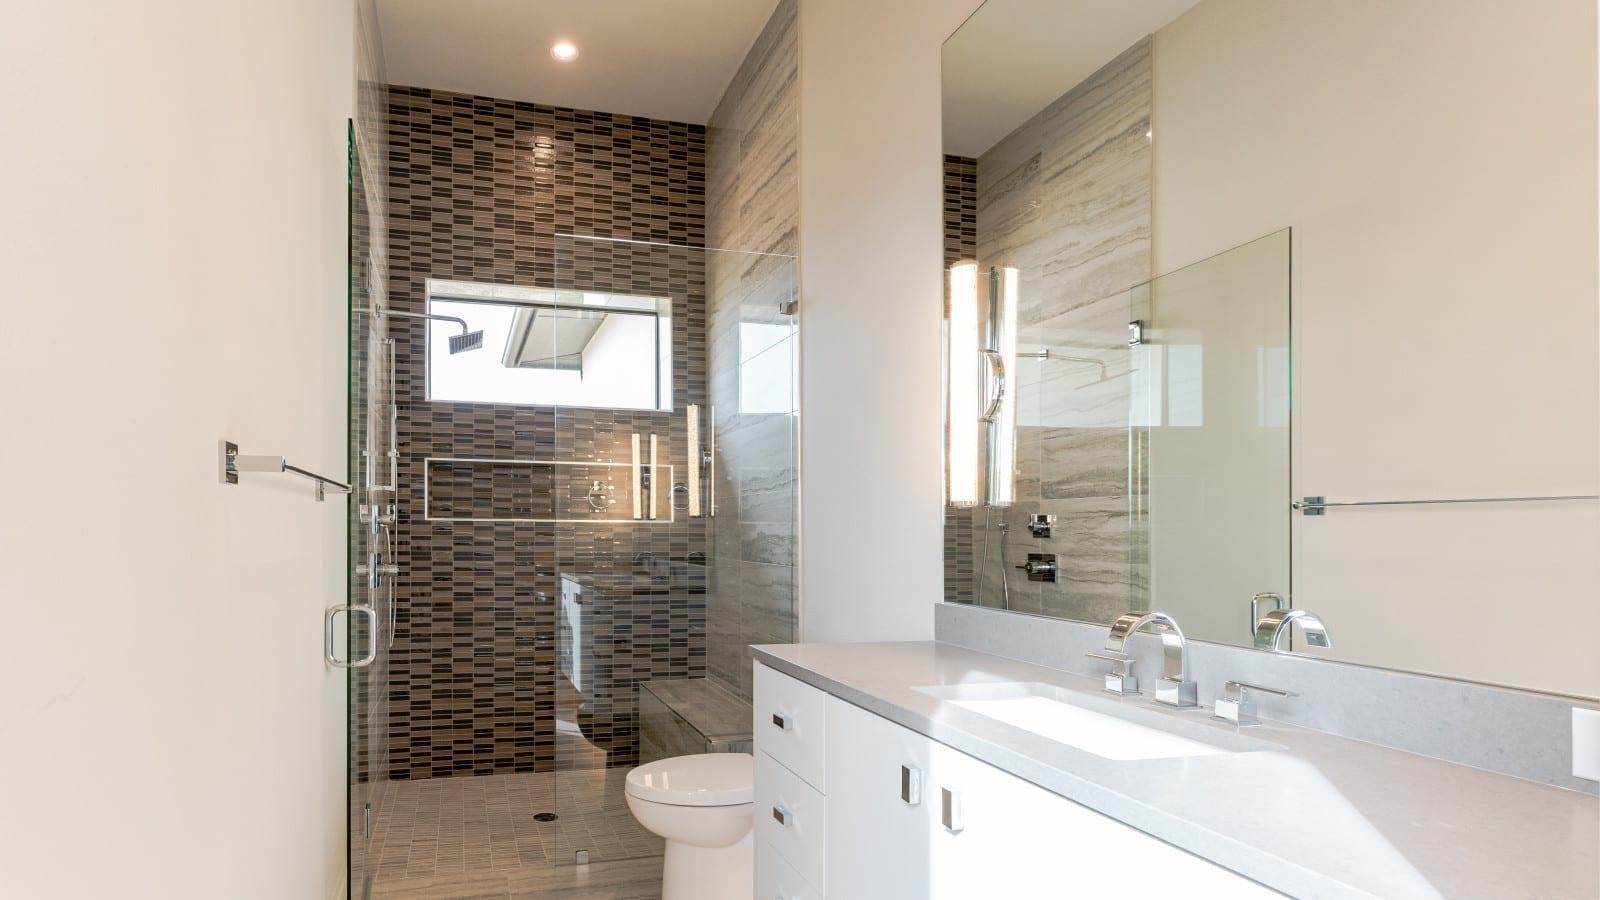 modern home design 28 - Millennial Design + Build